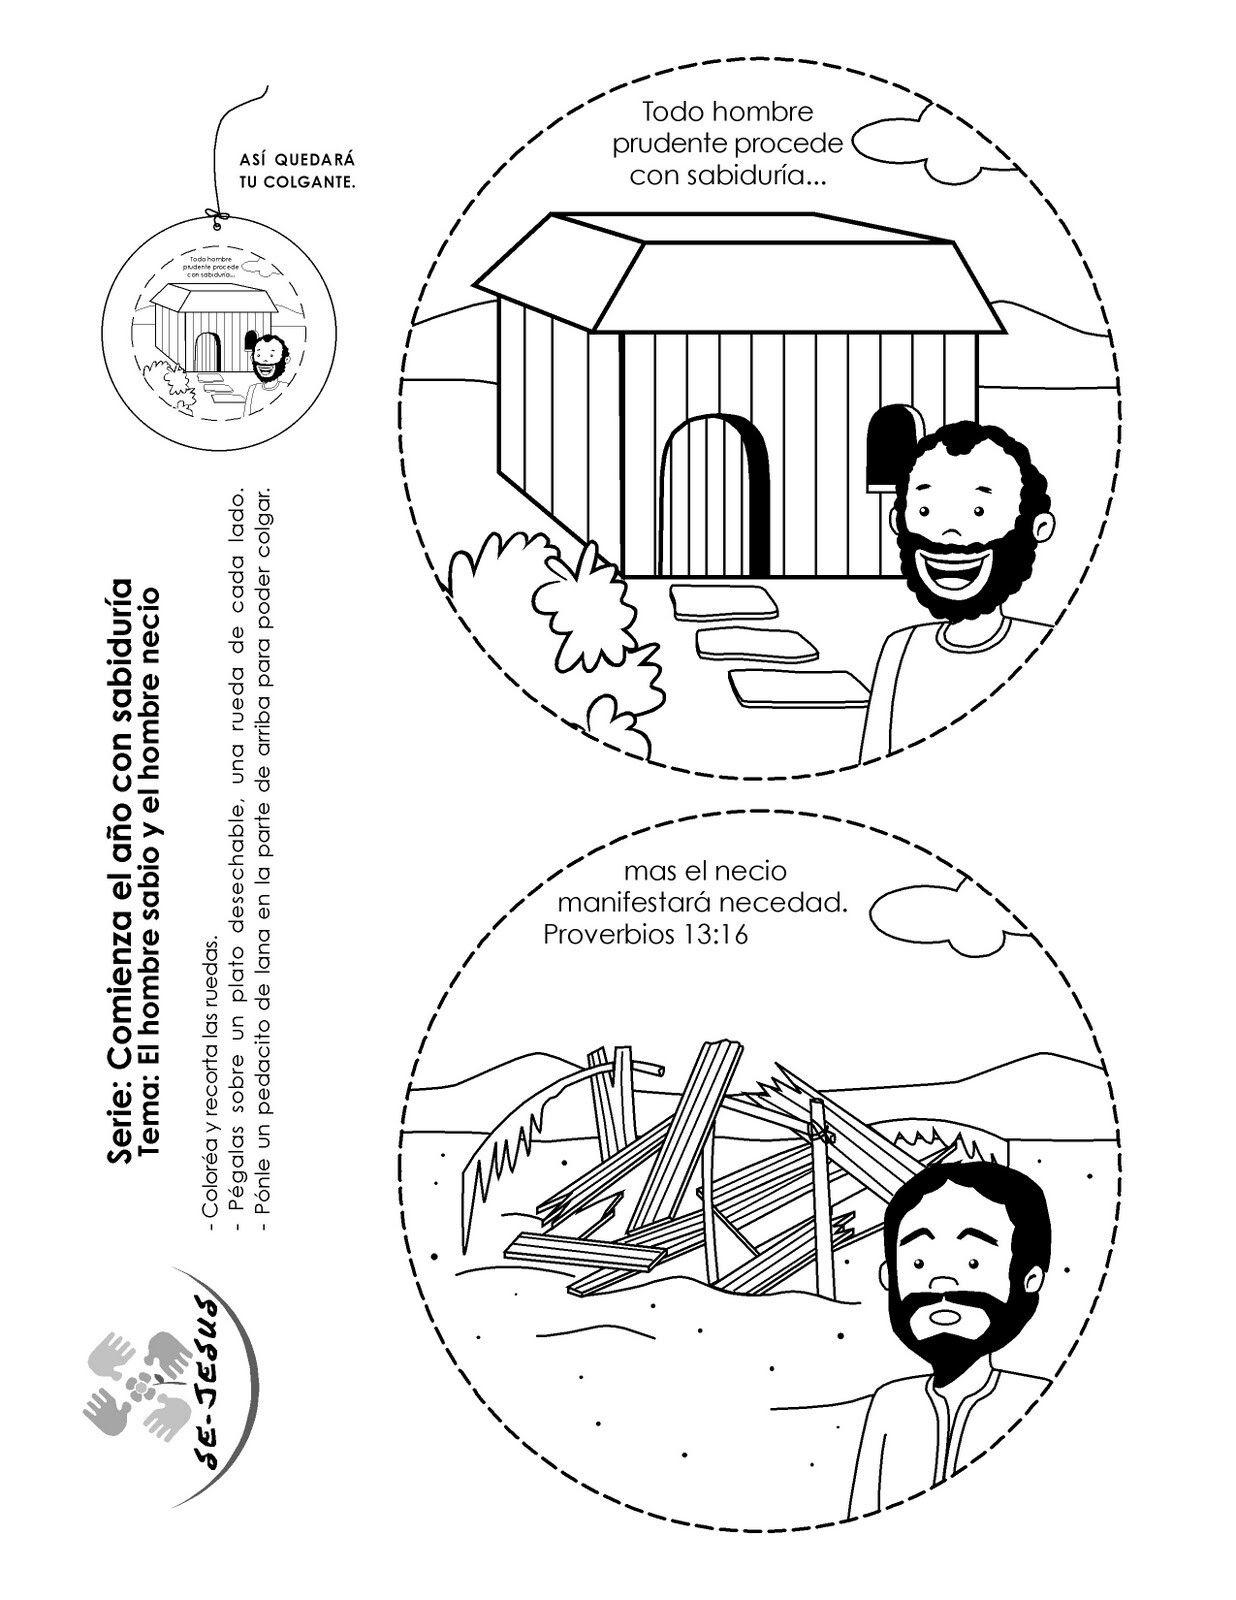 Móvil Sobre El Hombre Que Edificó Su Casa En La Roca Y Del Que Edificó Sobre La Arena Bible Crafts Sunday School Crafts Sunday School Activities